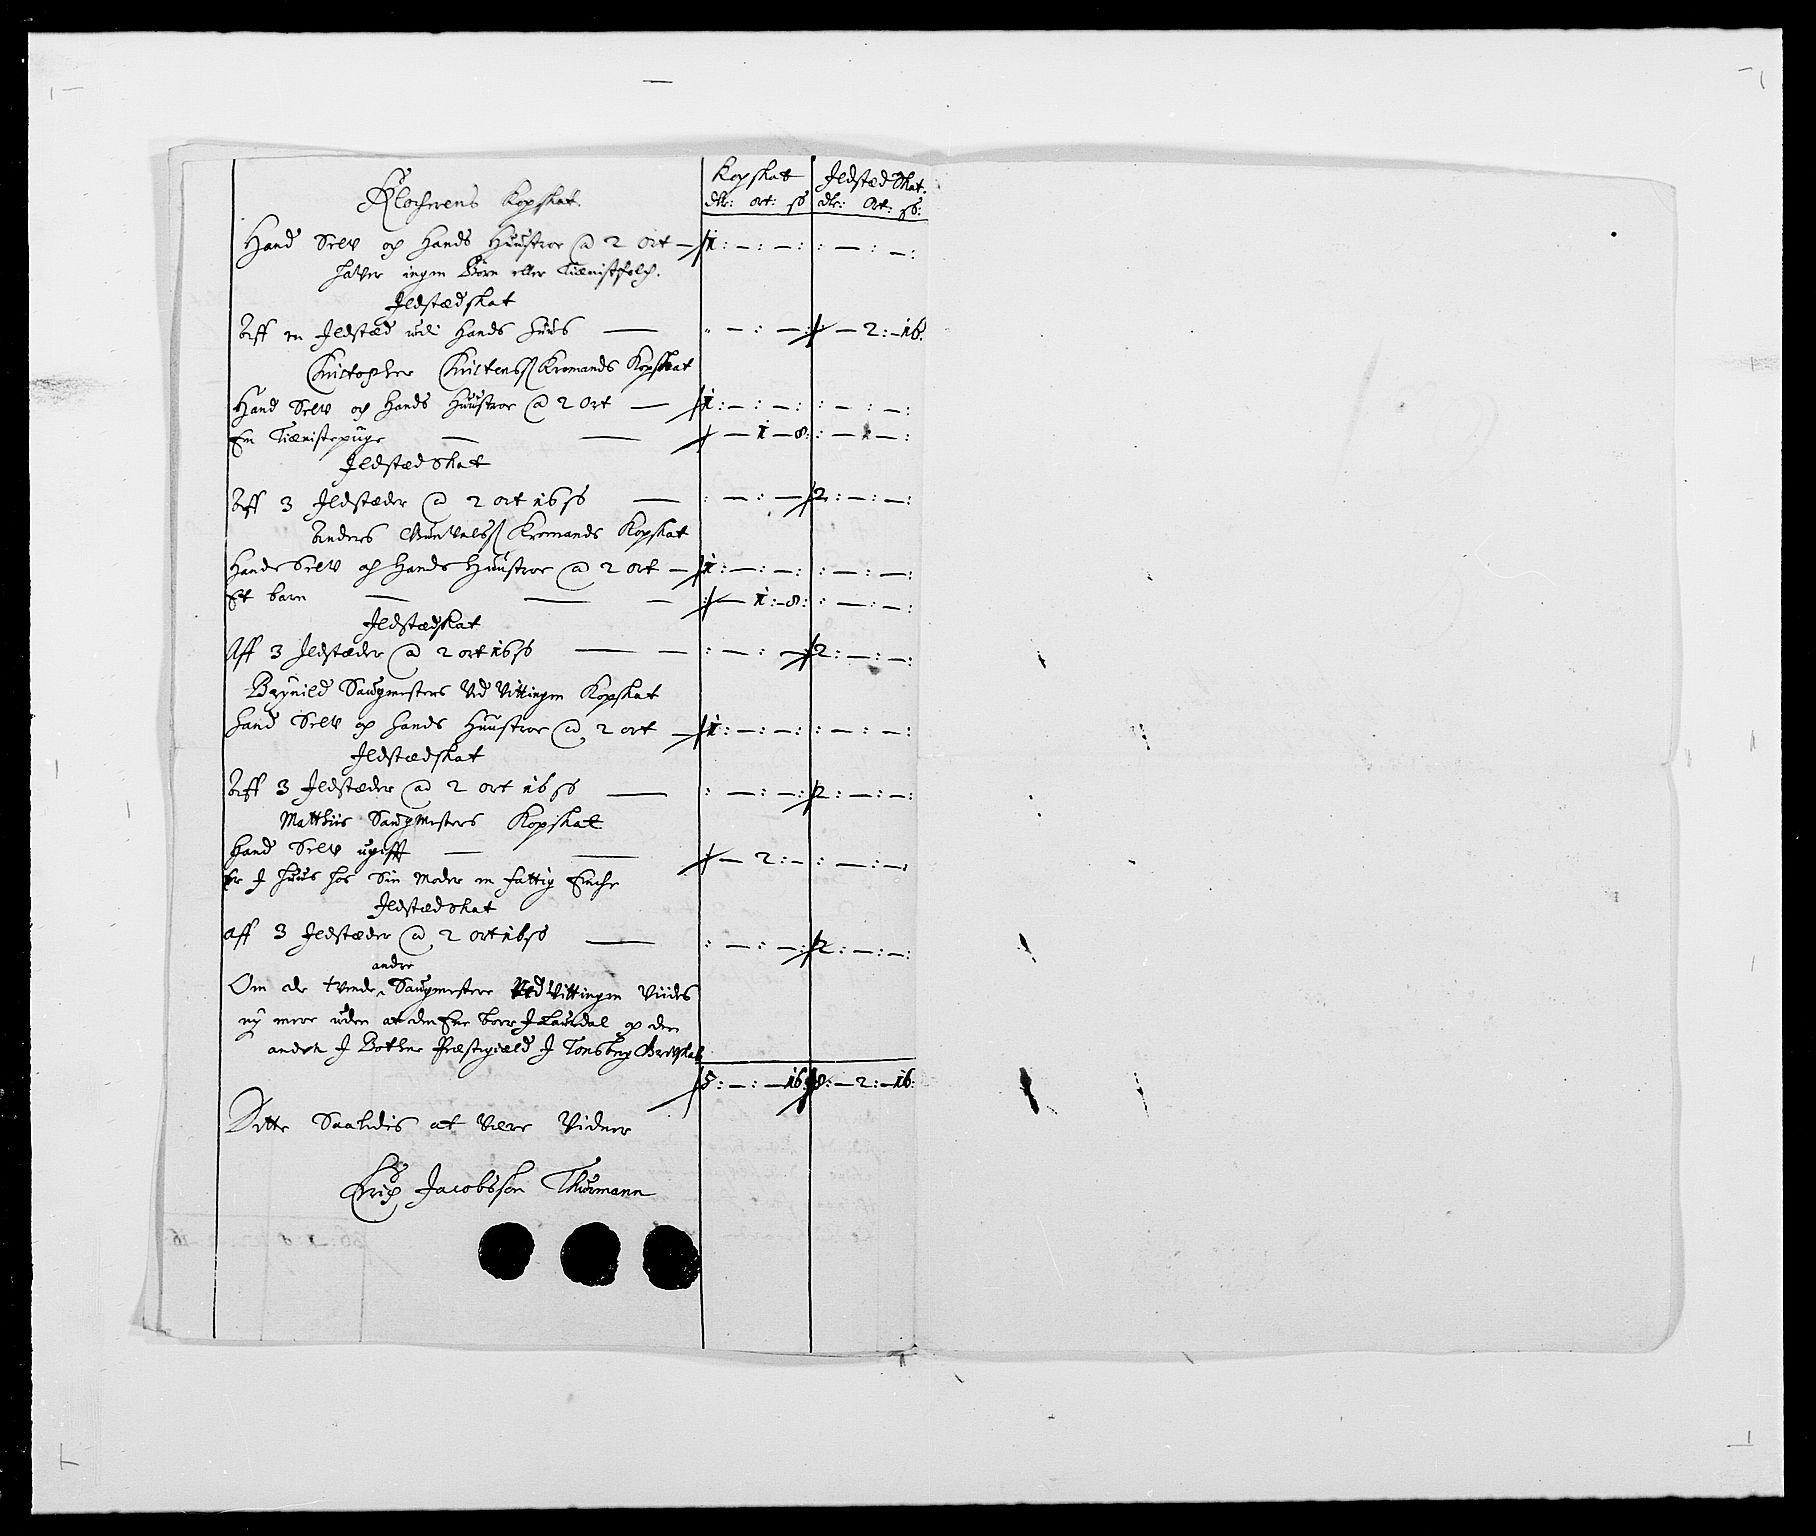 RA, Rentekammeret inntil 1814, Reviderte regnskaper, Fogderegnskap, R24/L1573: Fogderegnskap Numedal og Sandsvær, 1687-1691, s. 416